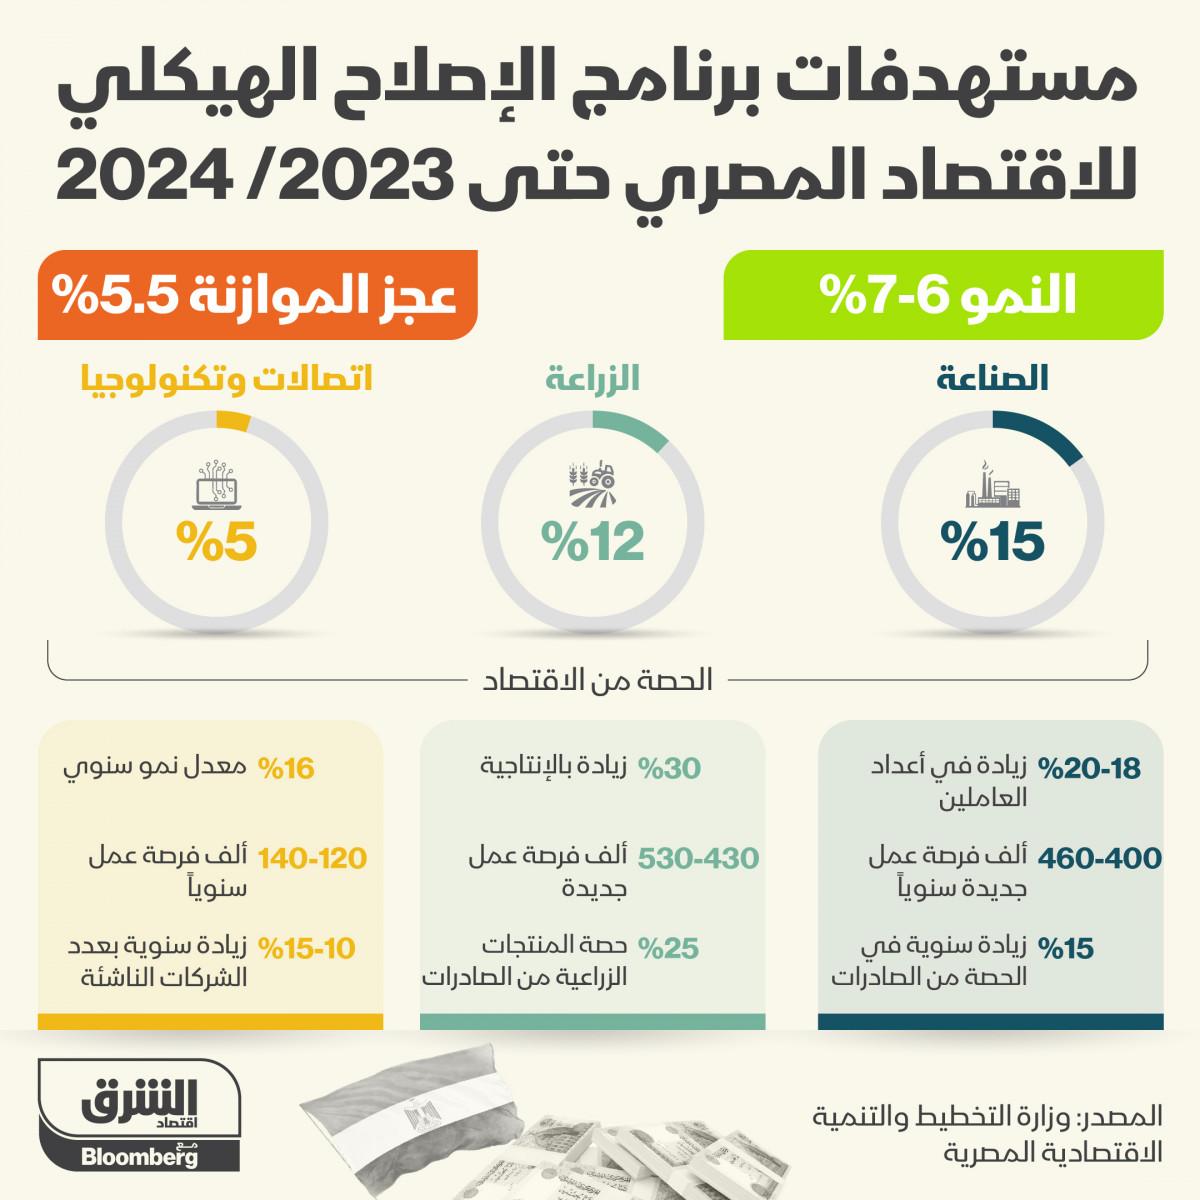 برنامج الإصلاح الهيكلي لاقتصاد مصر